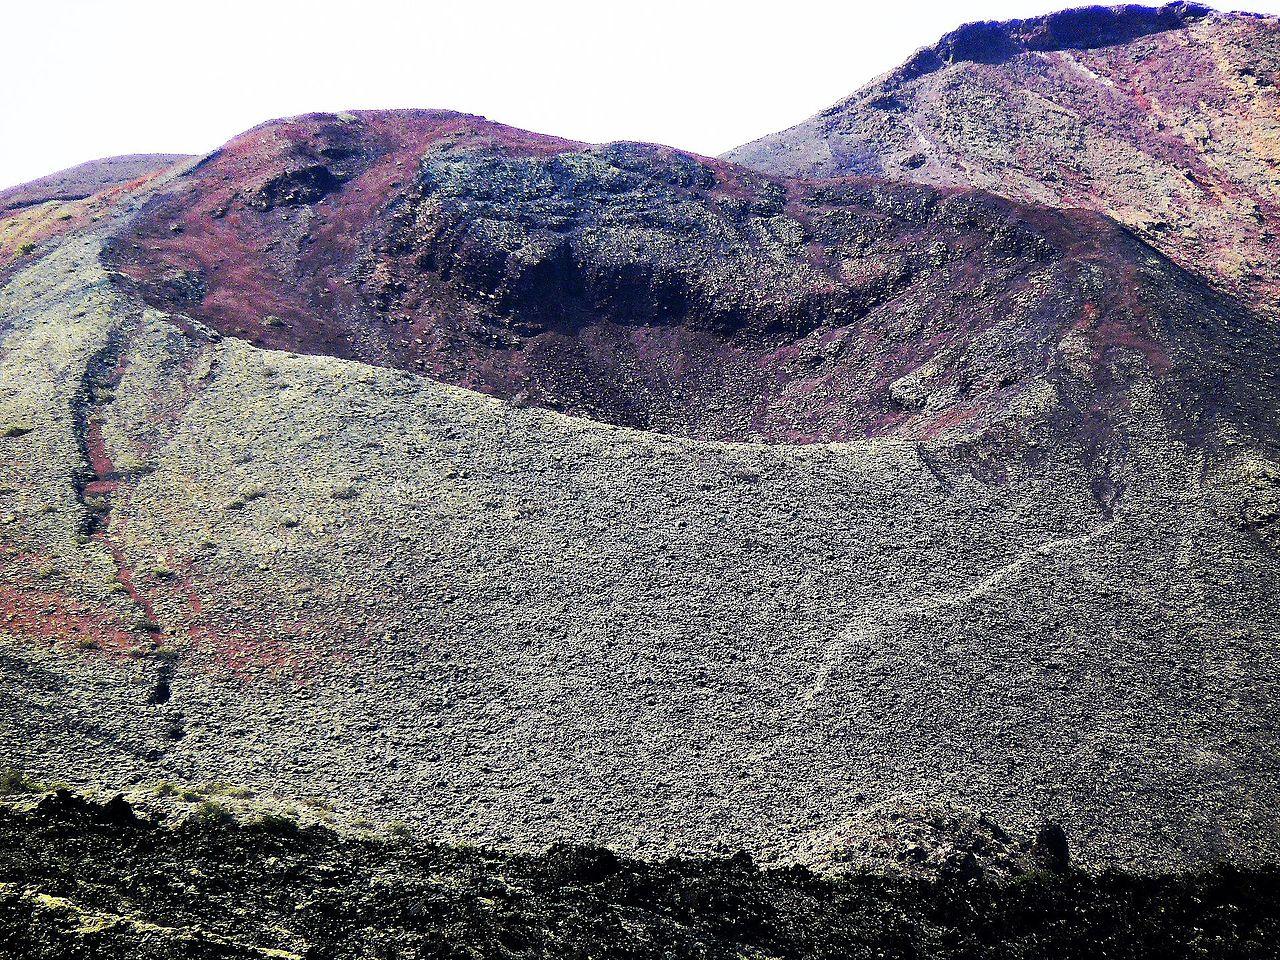 Un cono volcánico de Timanfaya